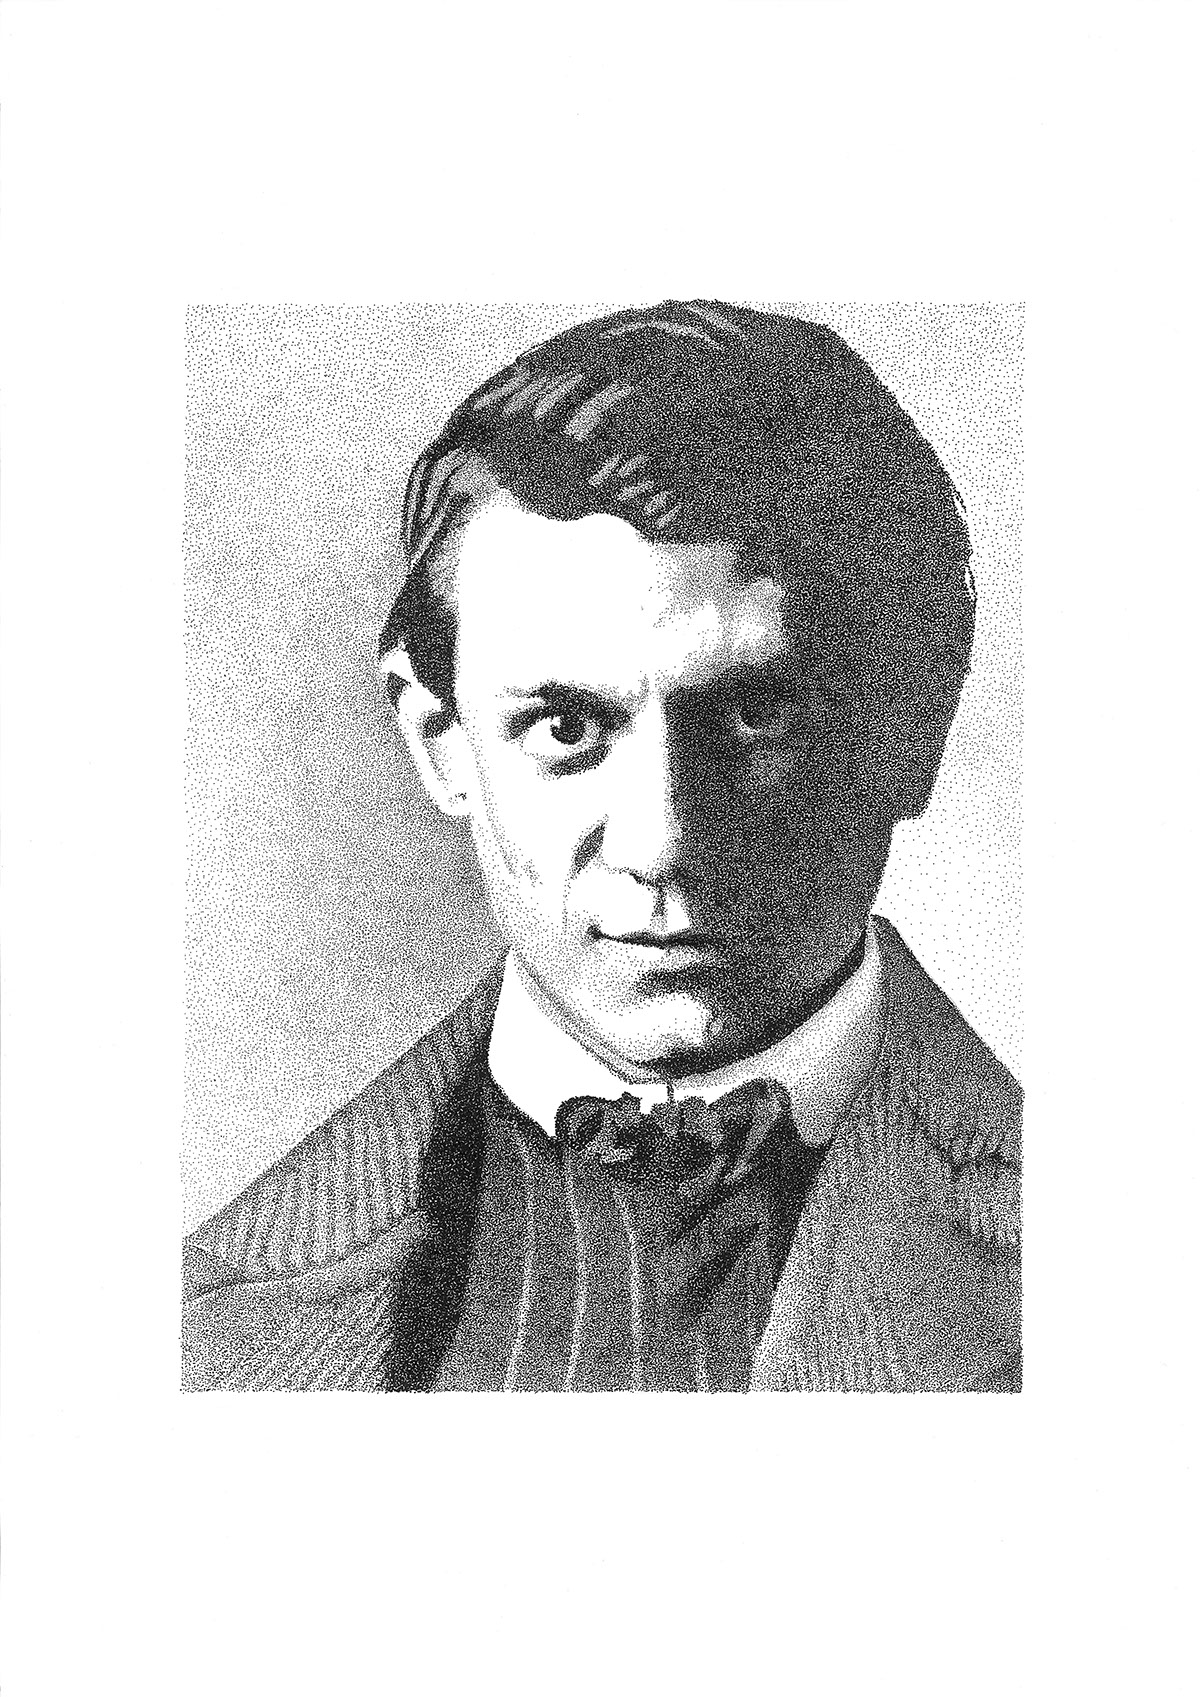 dotwork pointillismus stippling portrait black & white Picasso